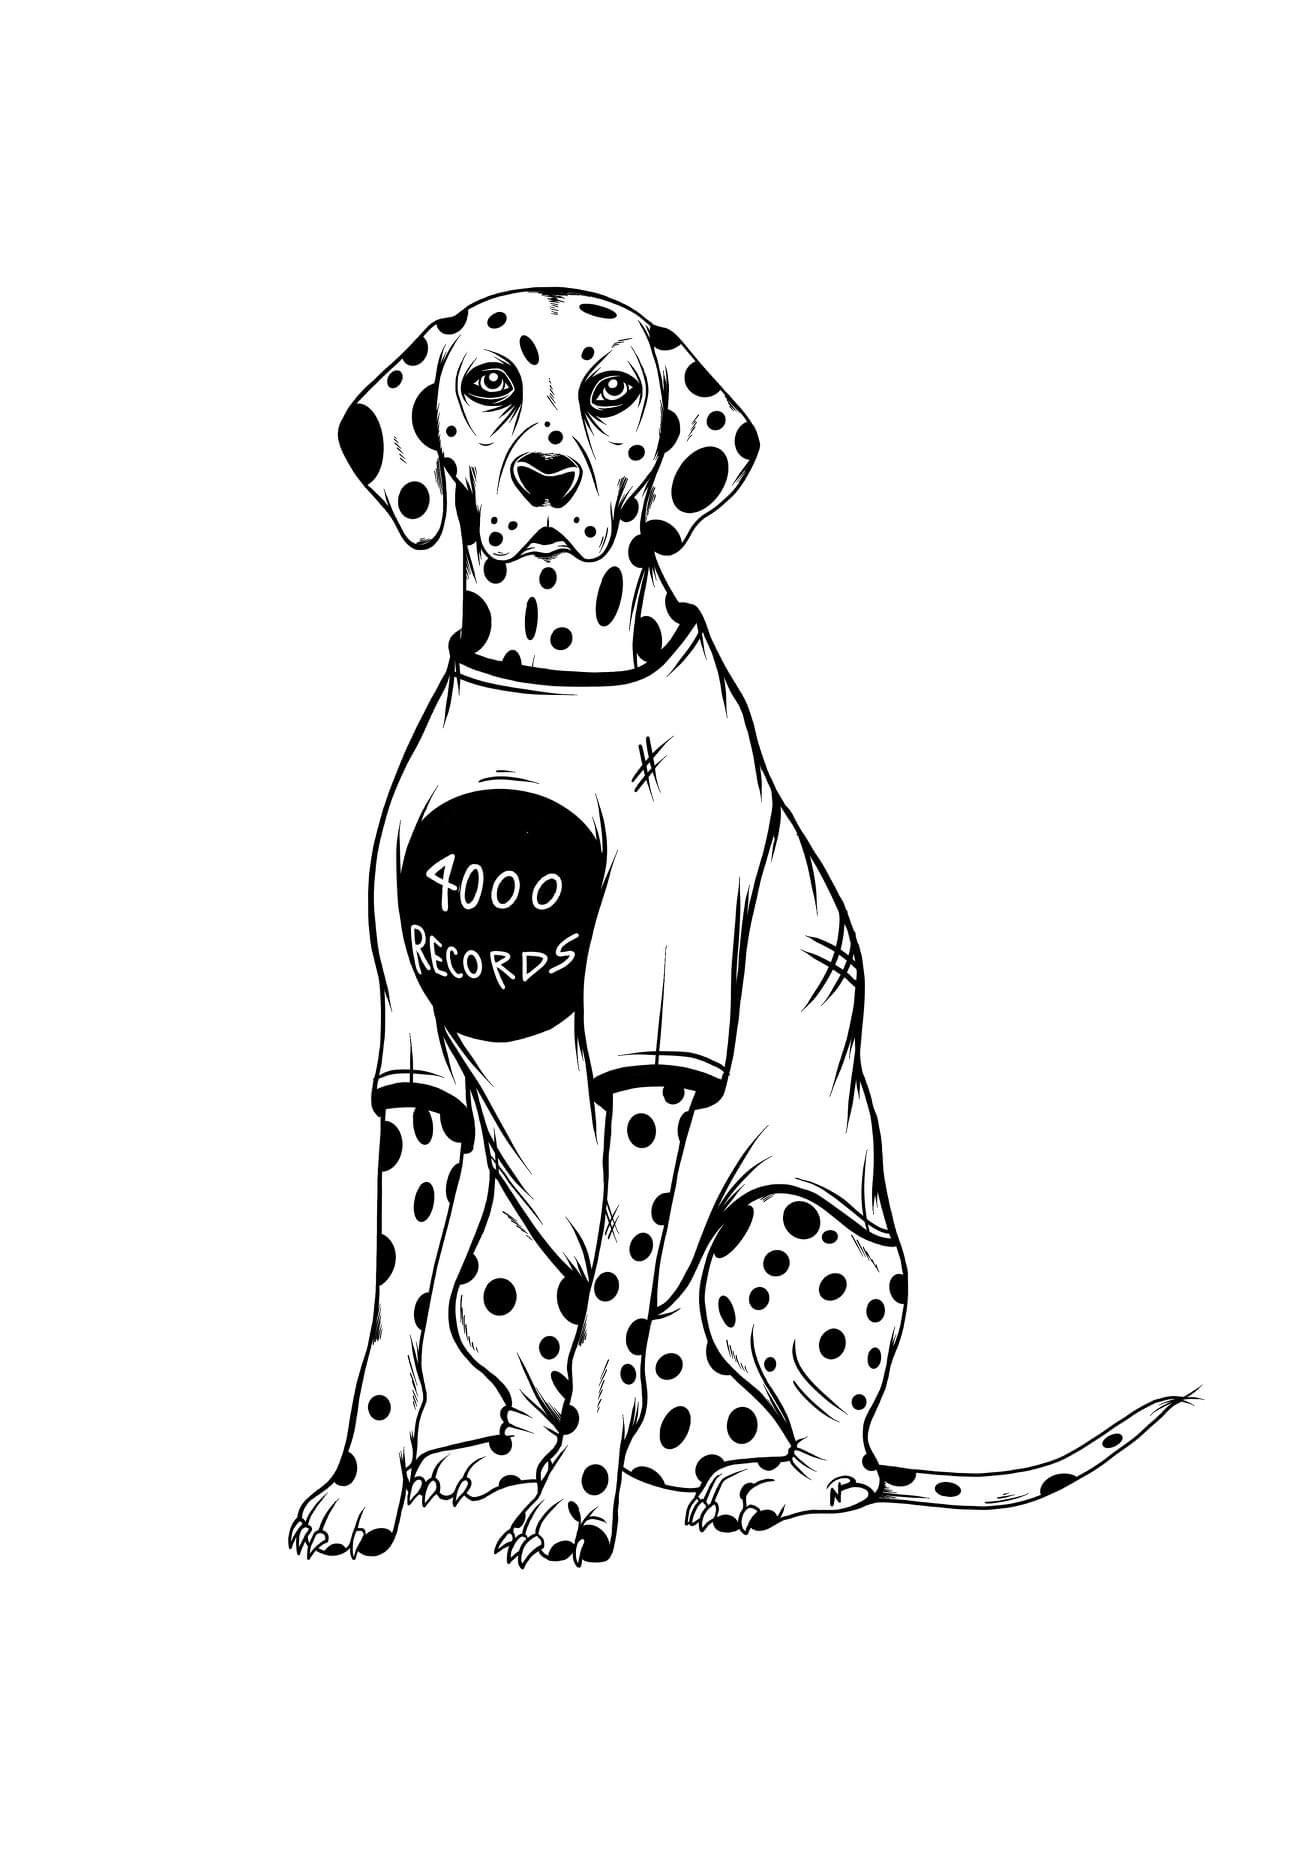 4000 Records' logo